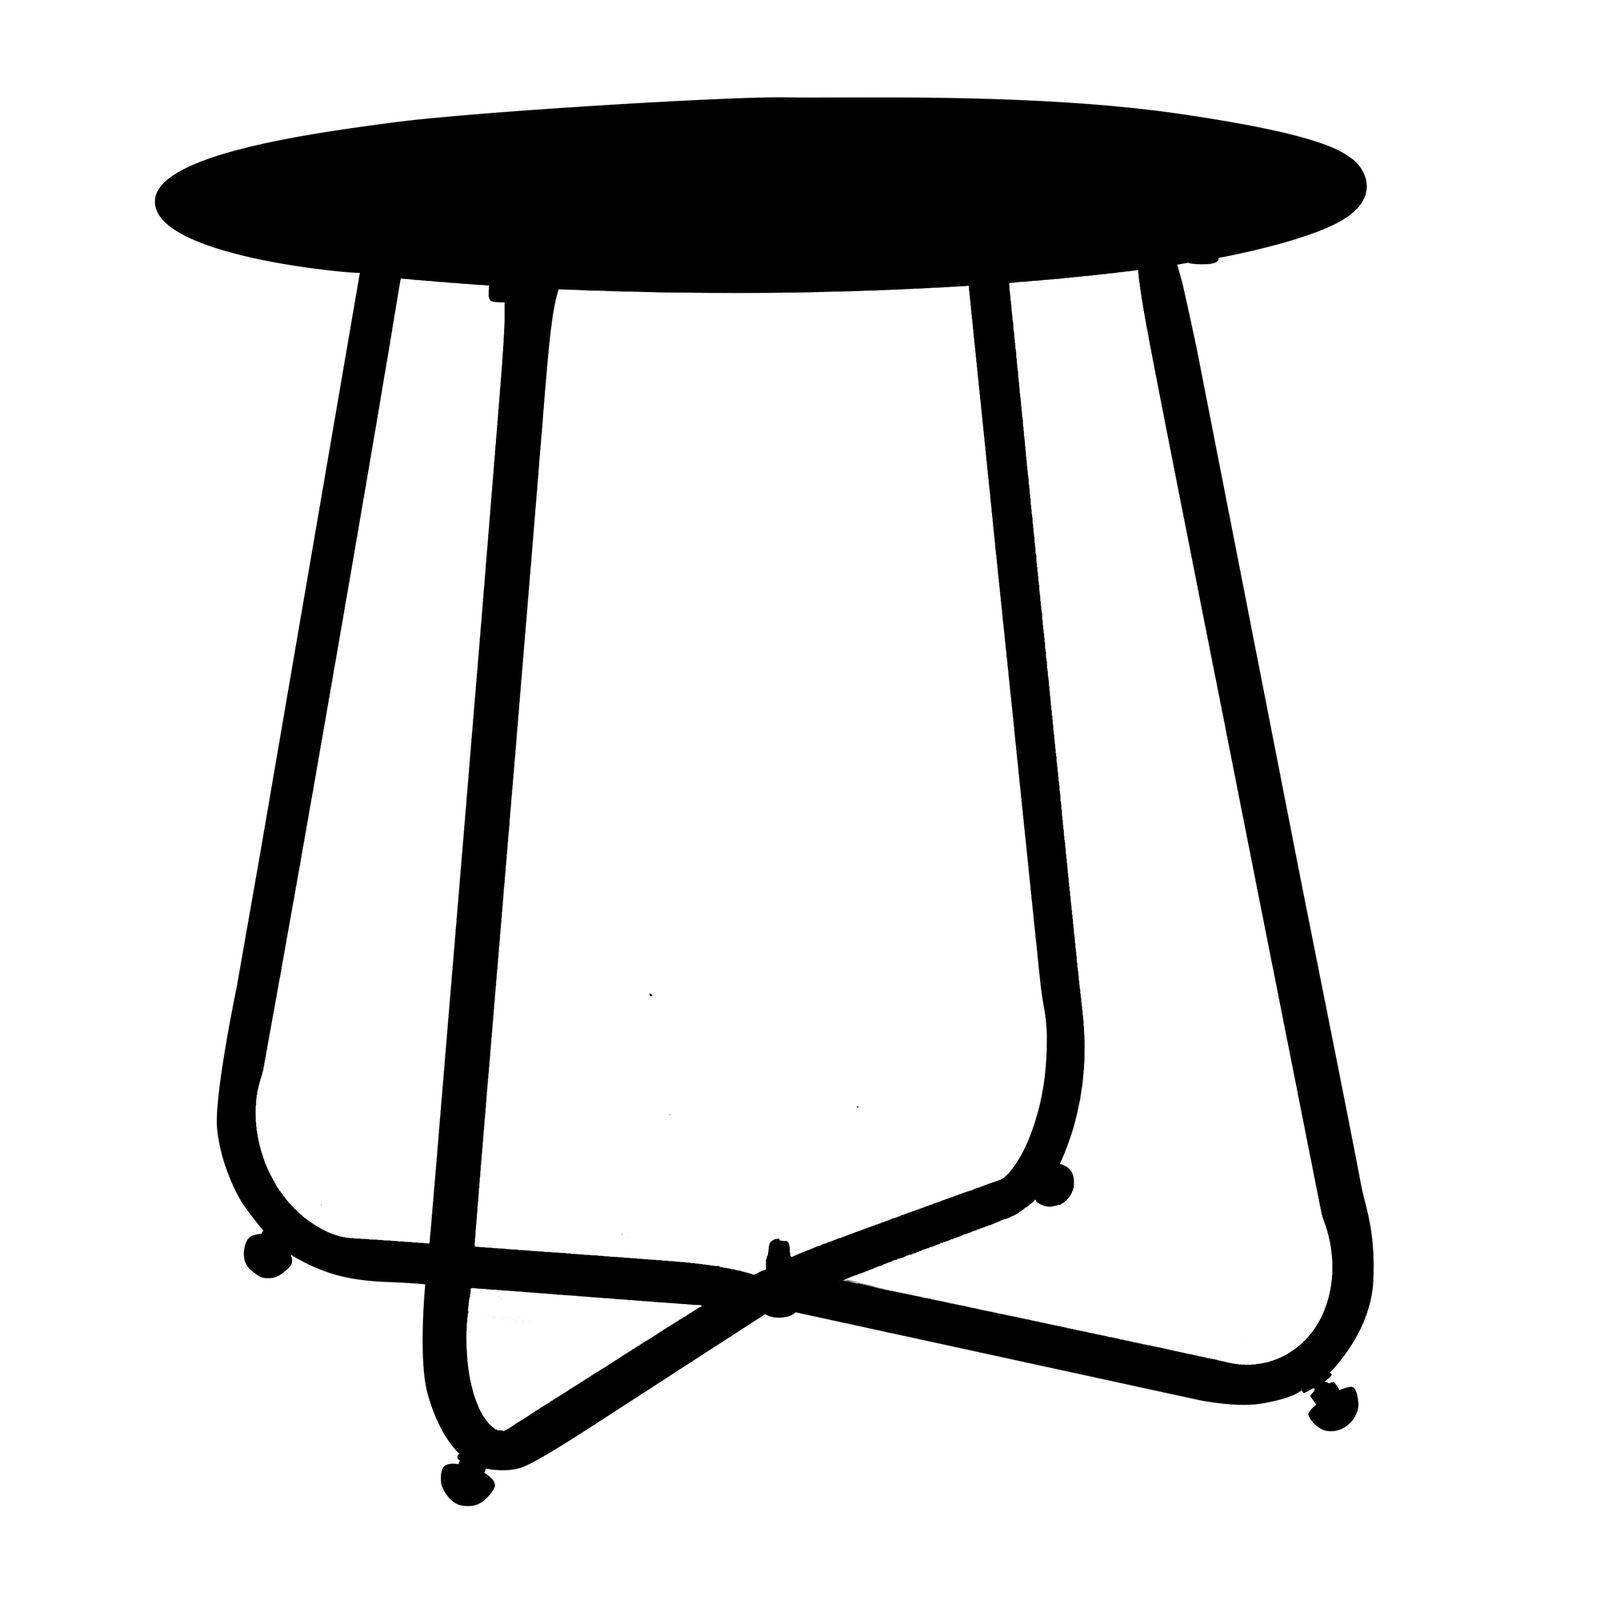 Stolik ogrodowy Florian 45 cm czarny PATIO